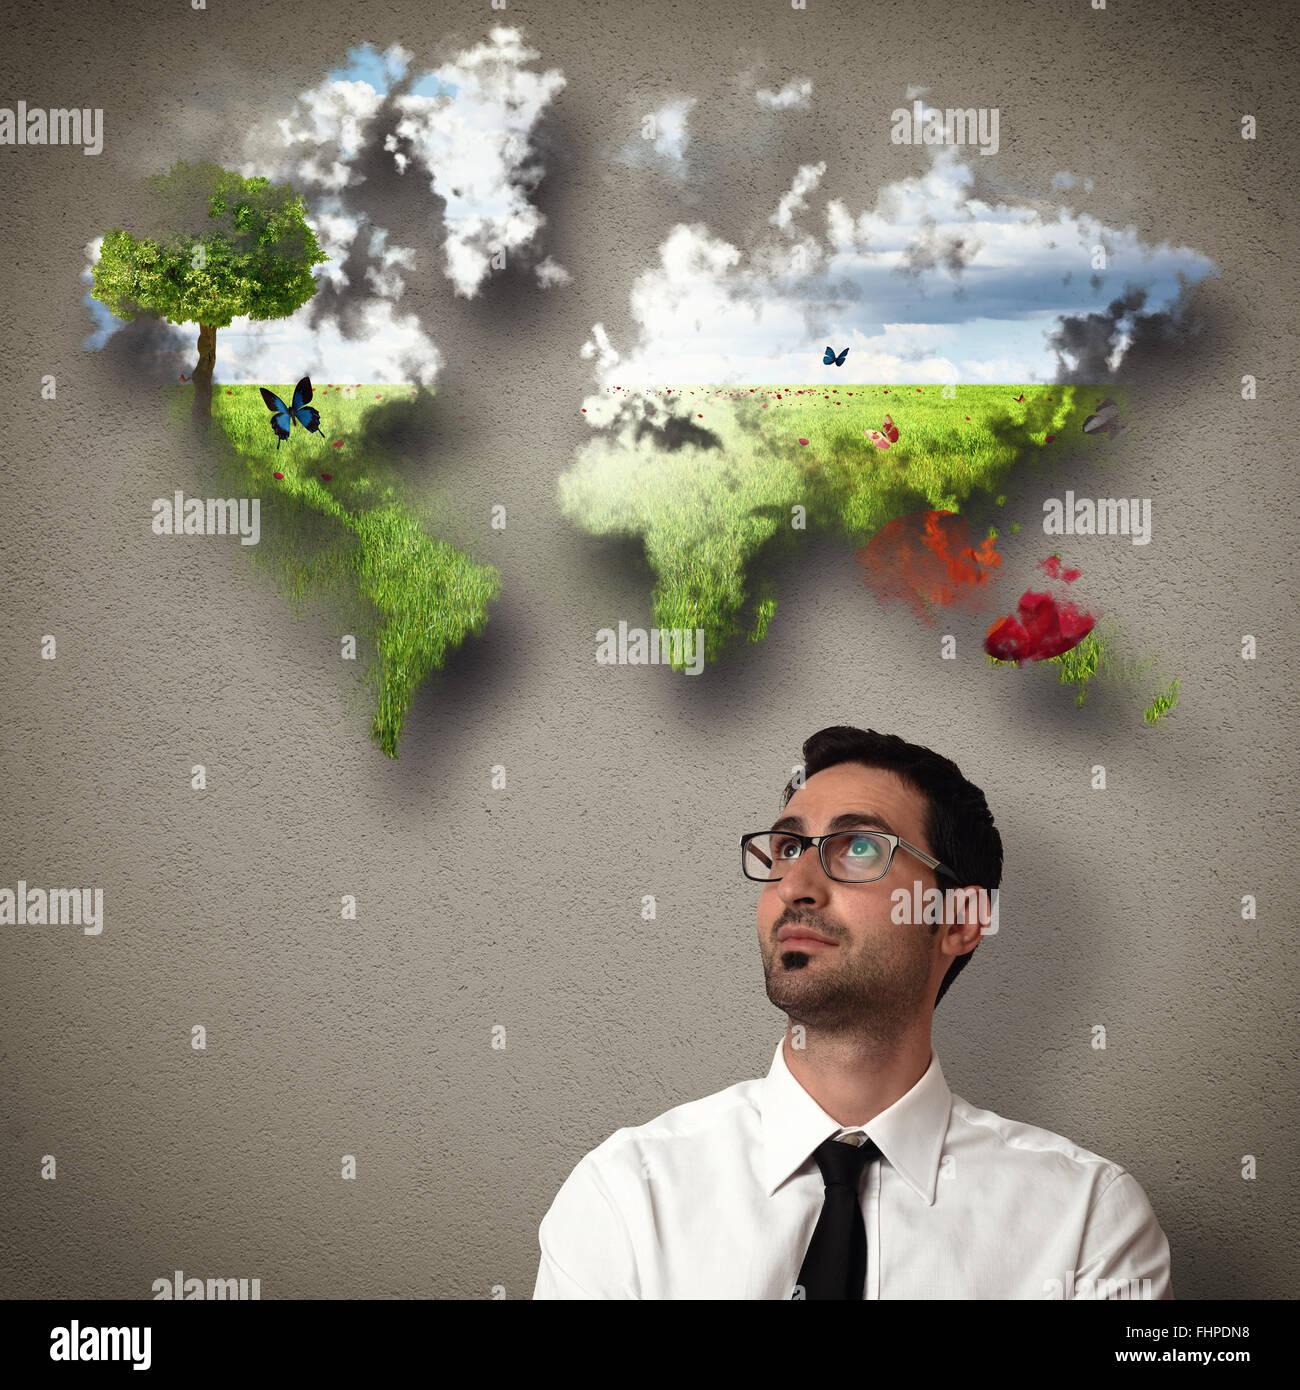 El empresario se imagina un mundo limpio Imagen De Stock